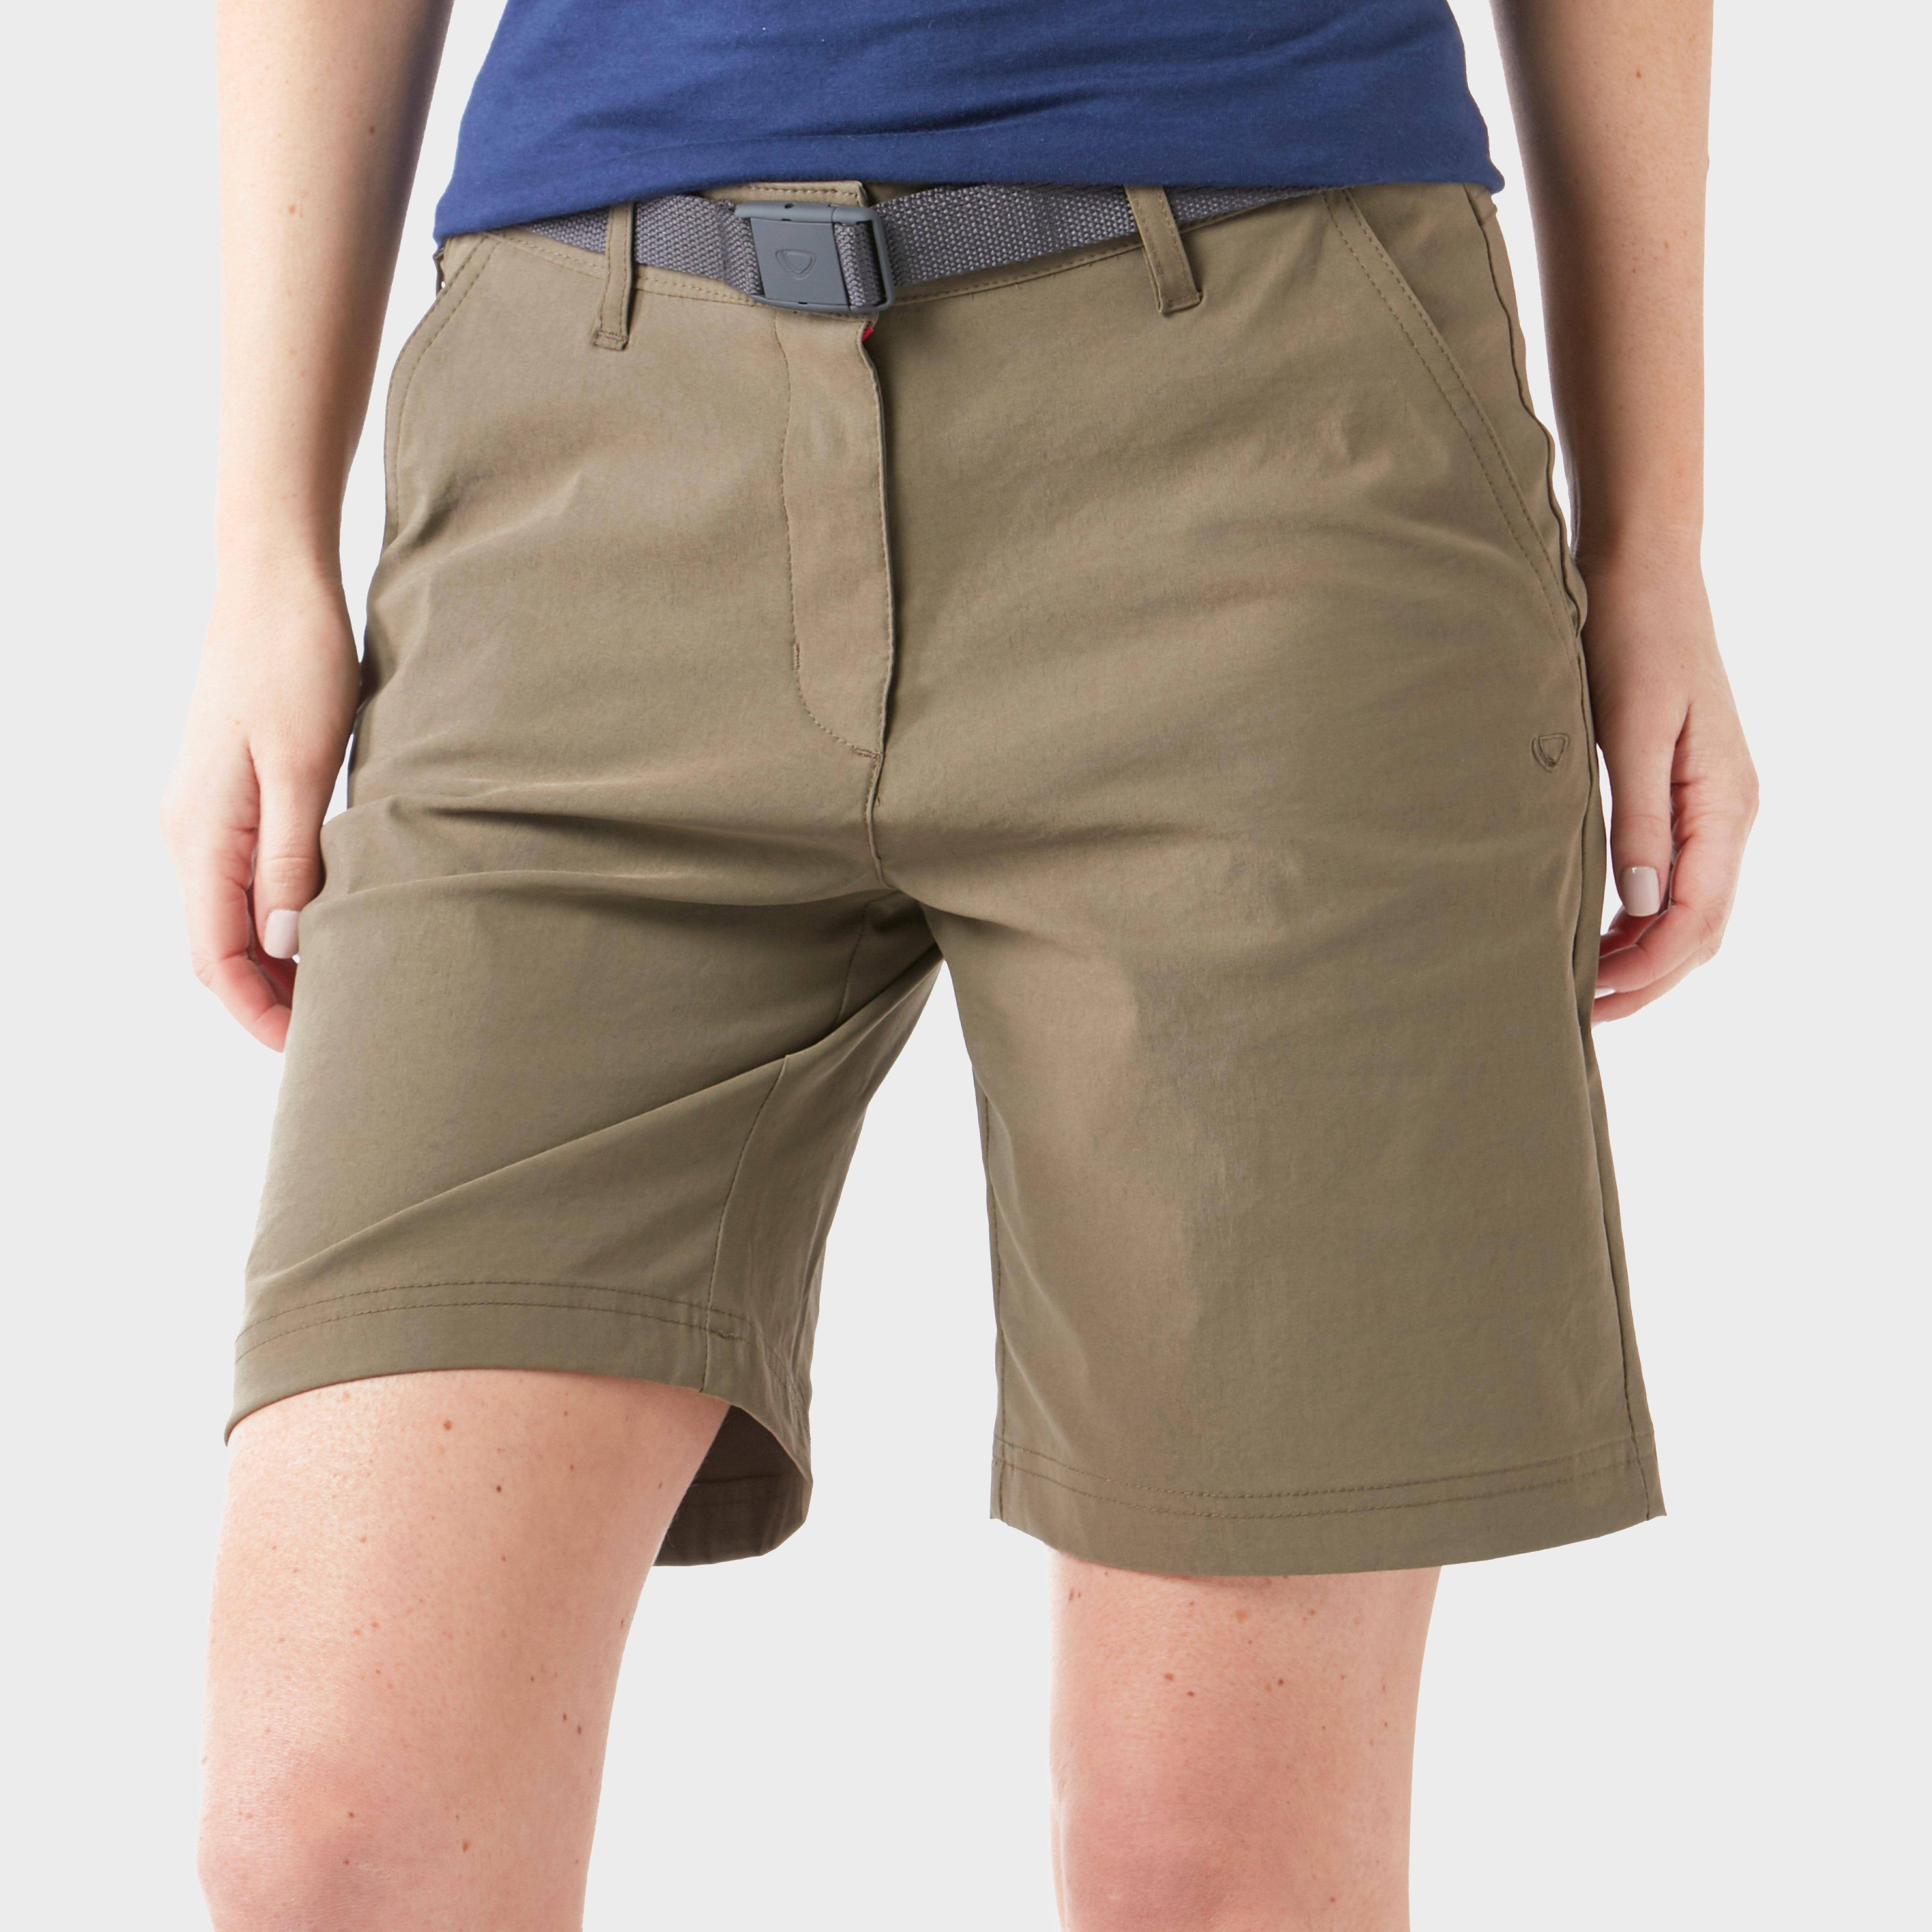 Brasher Women's Stretch Shorts, Khaki/Khaki